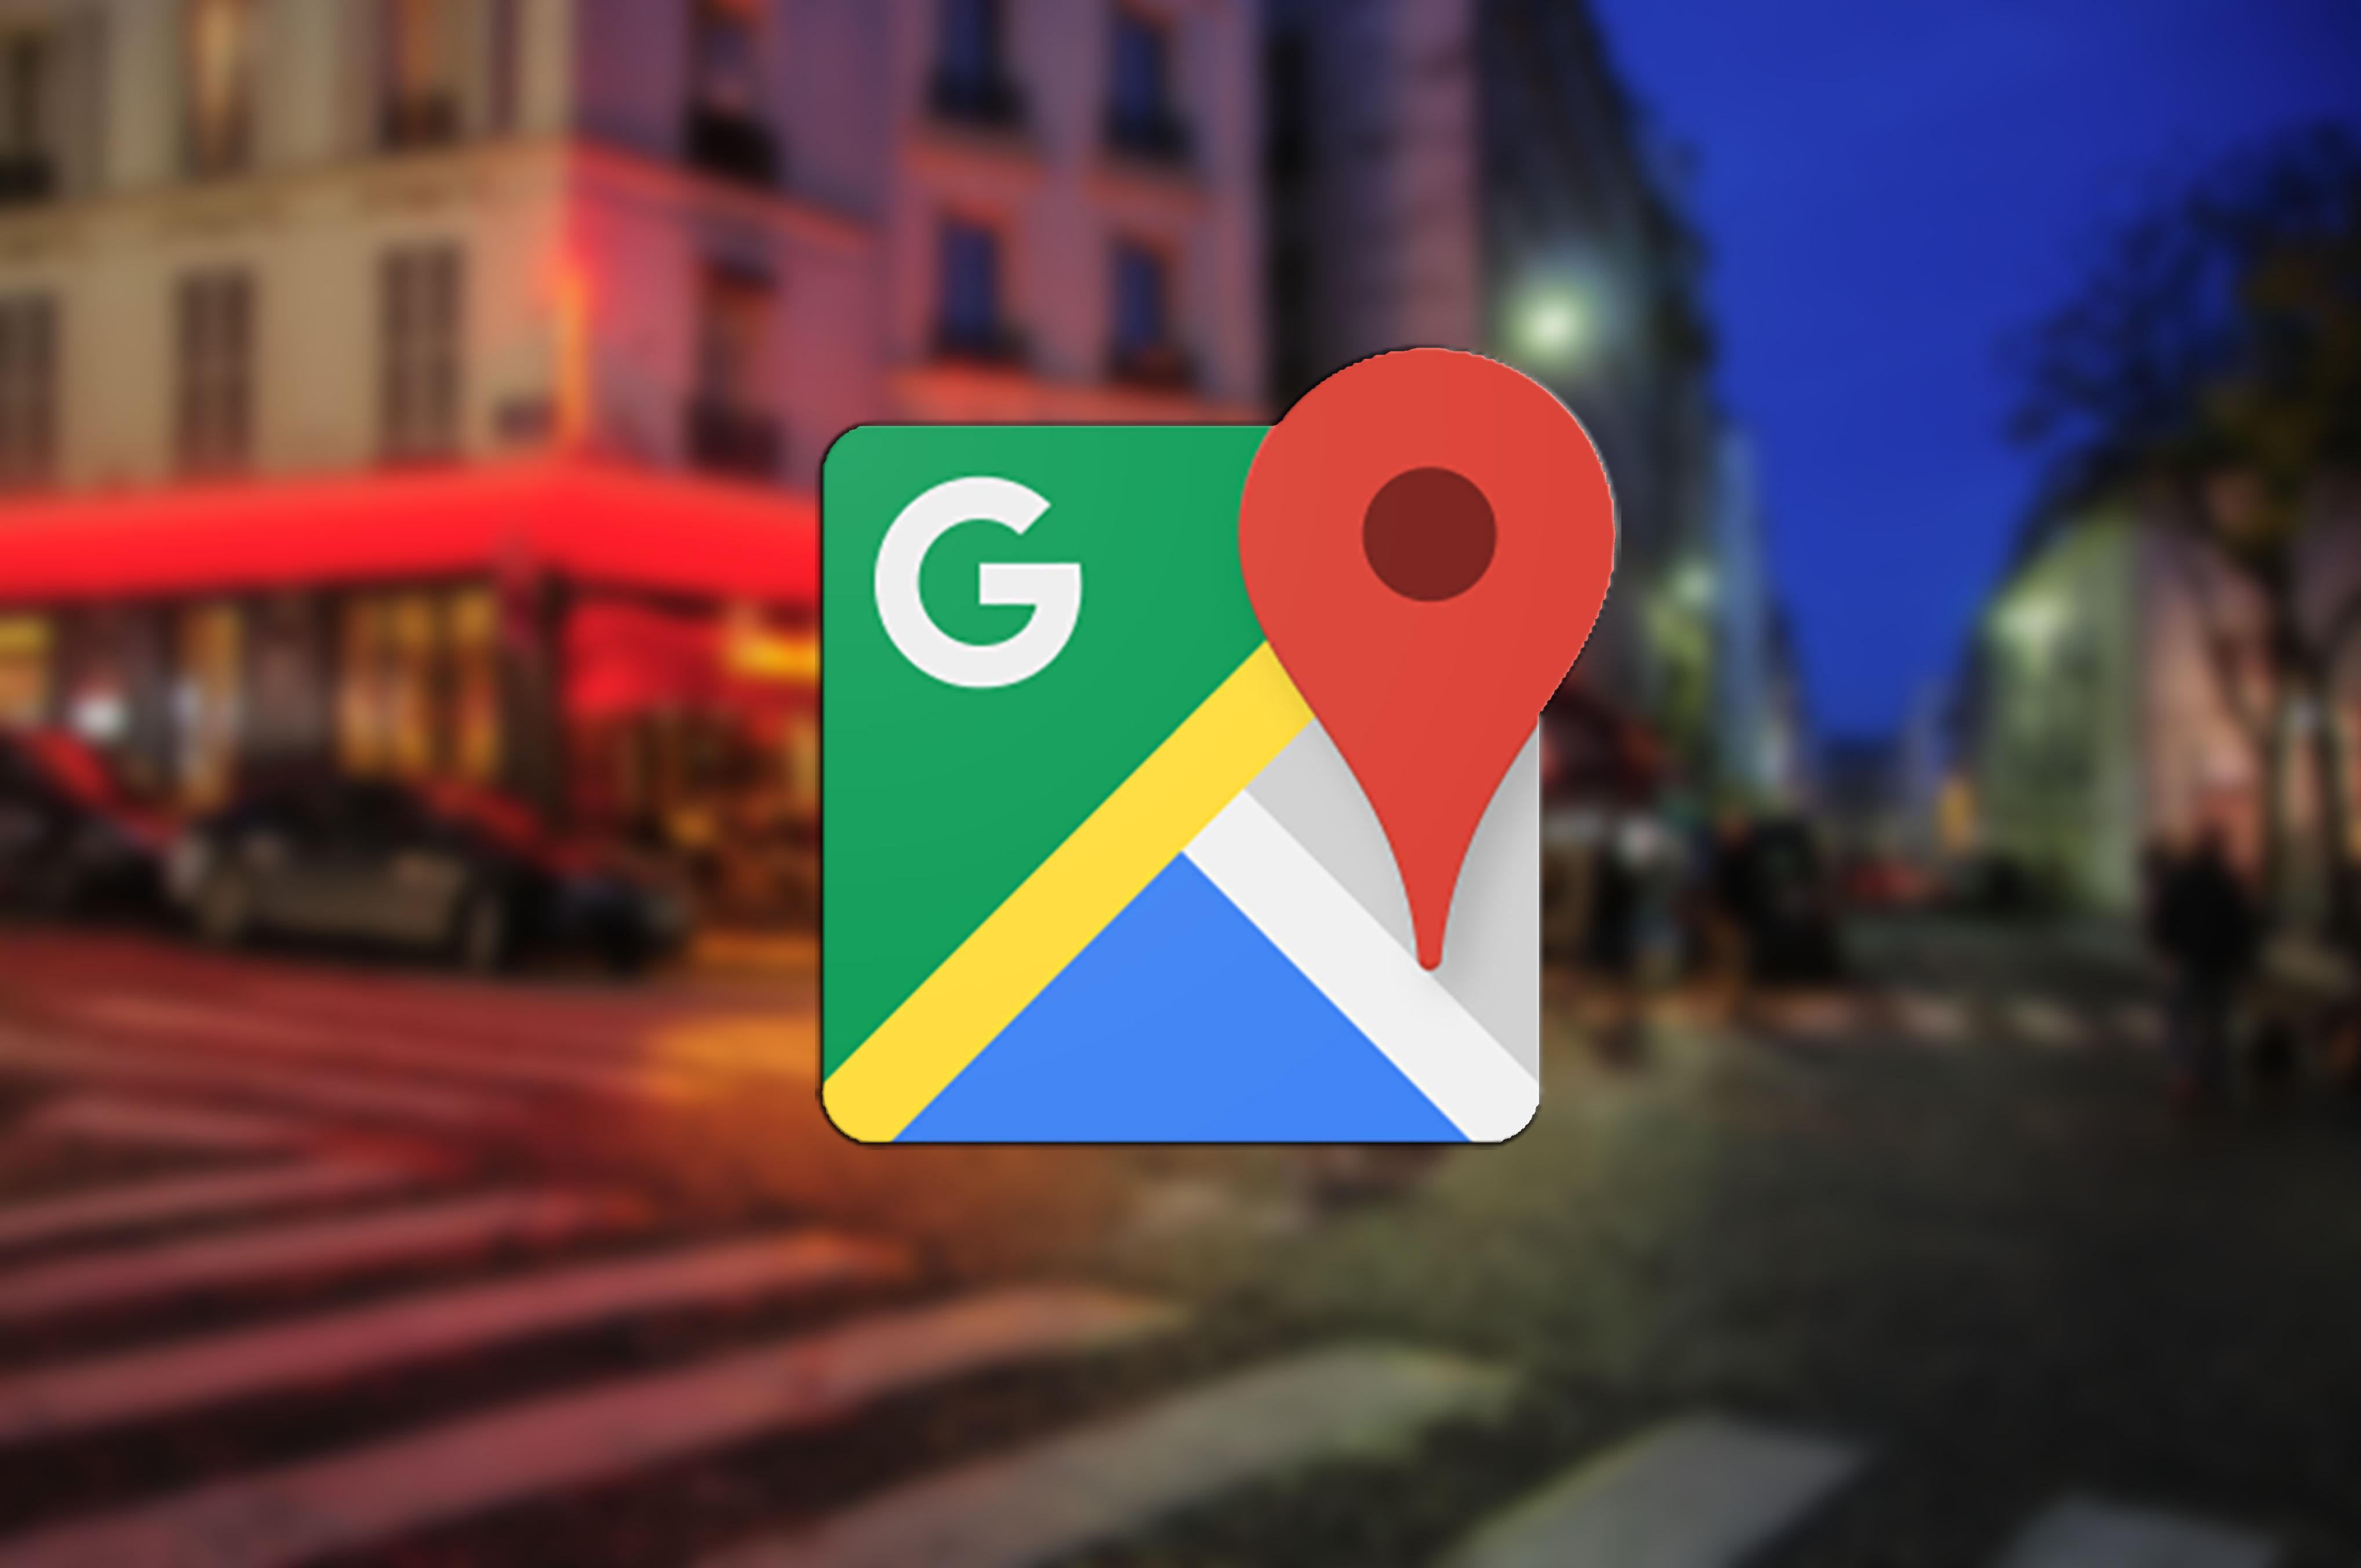 Nouvelles fonctionnalités Google Maps, cloud gaming français et concours photo de MKBHD – Tech'spresso